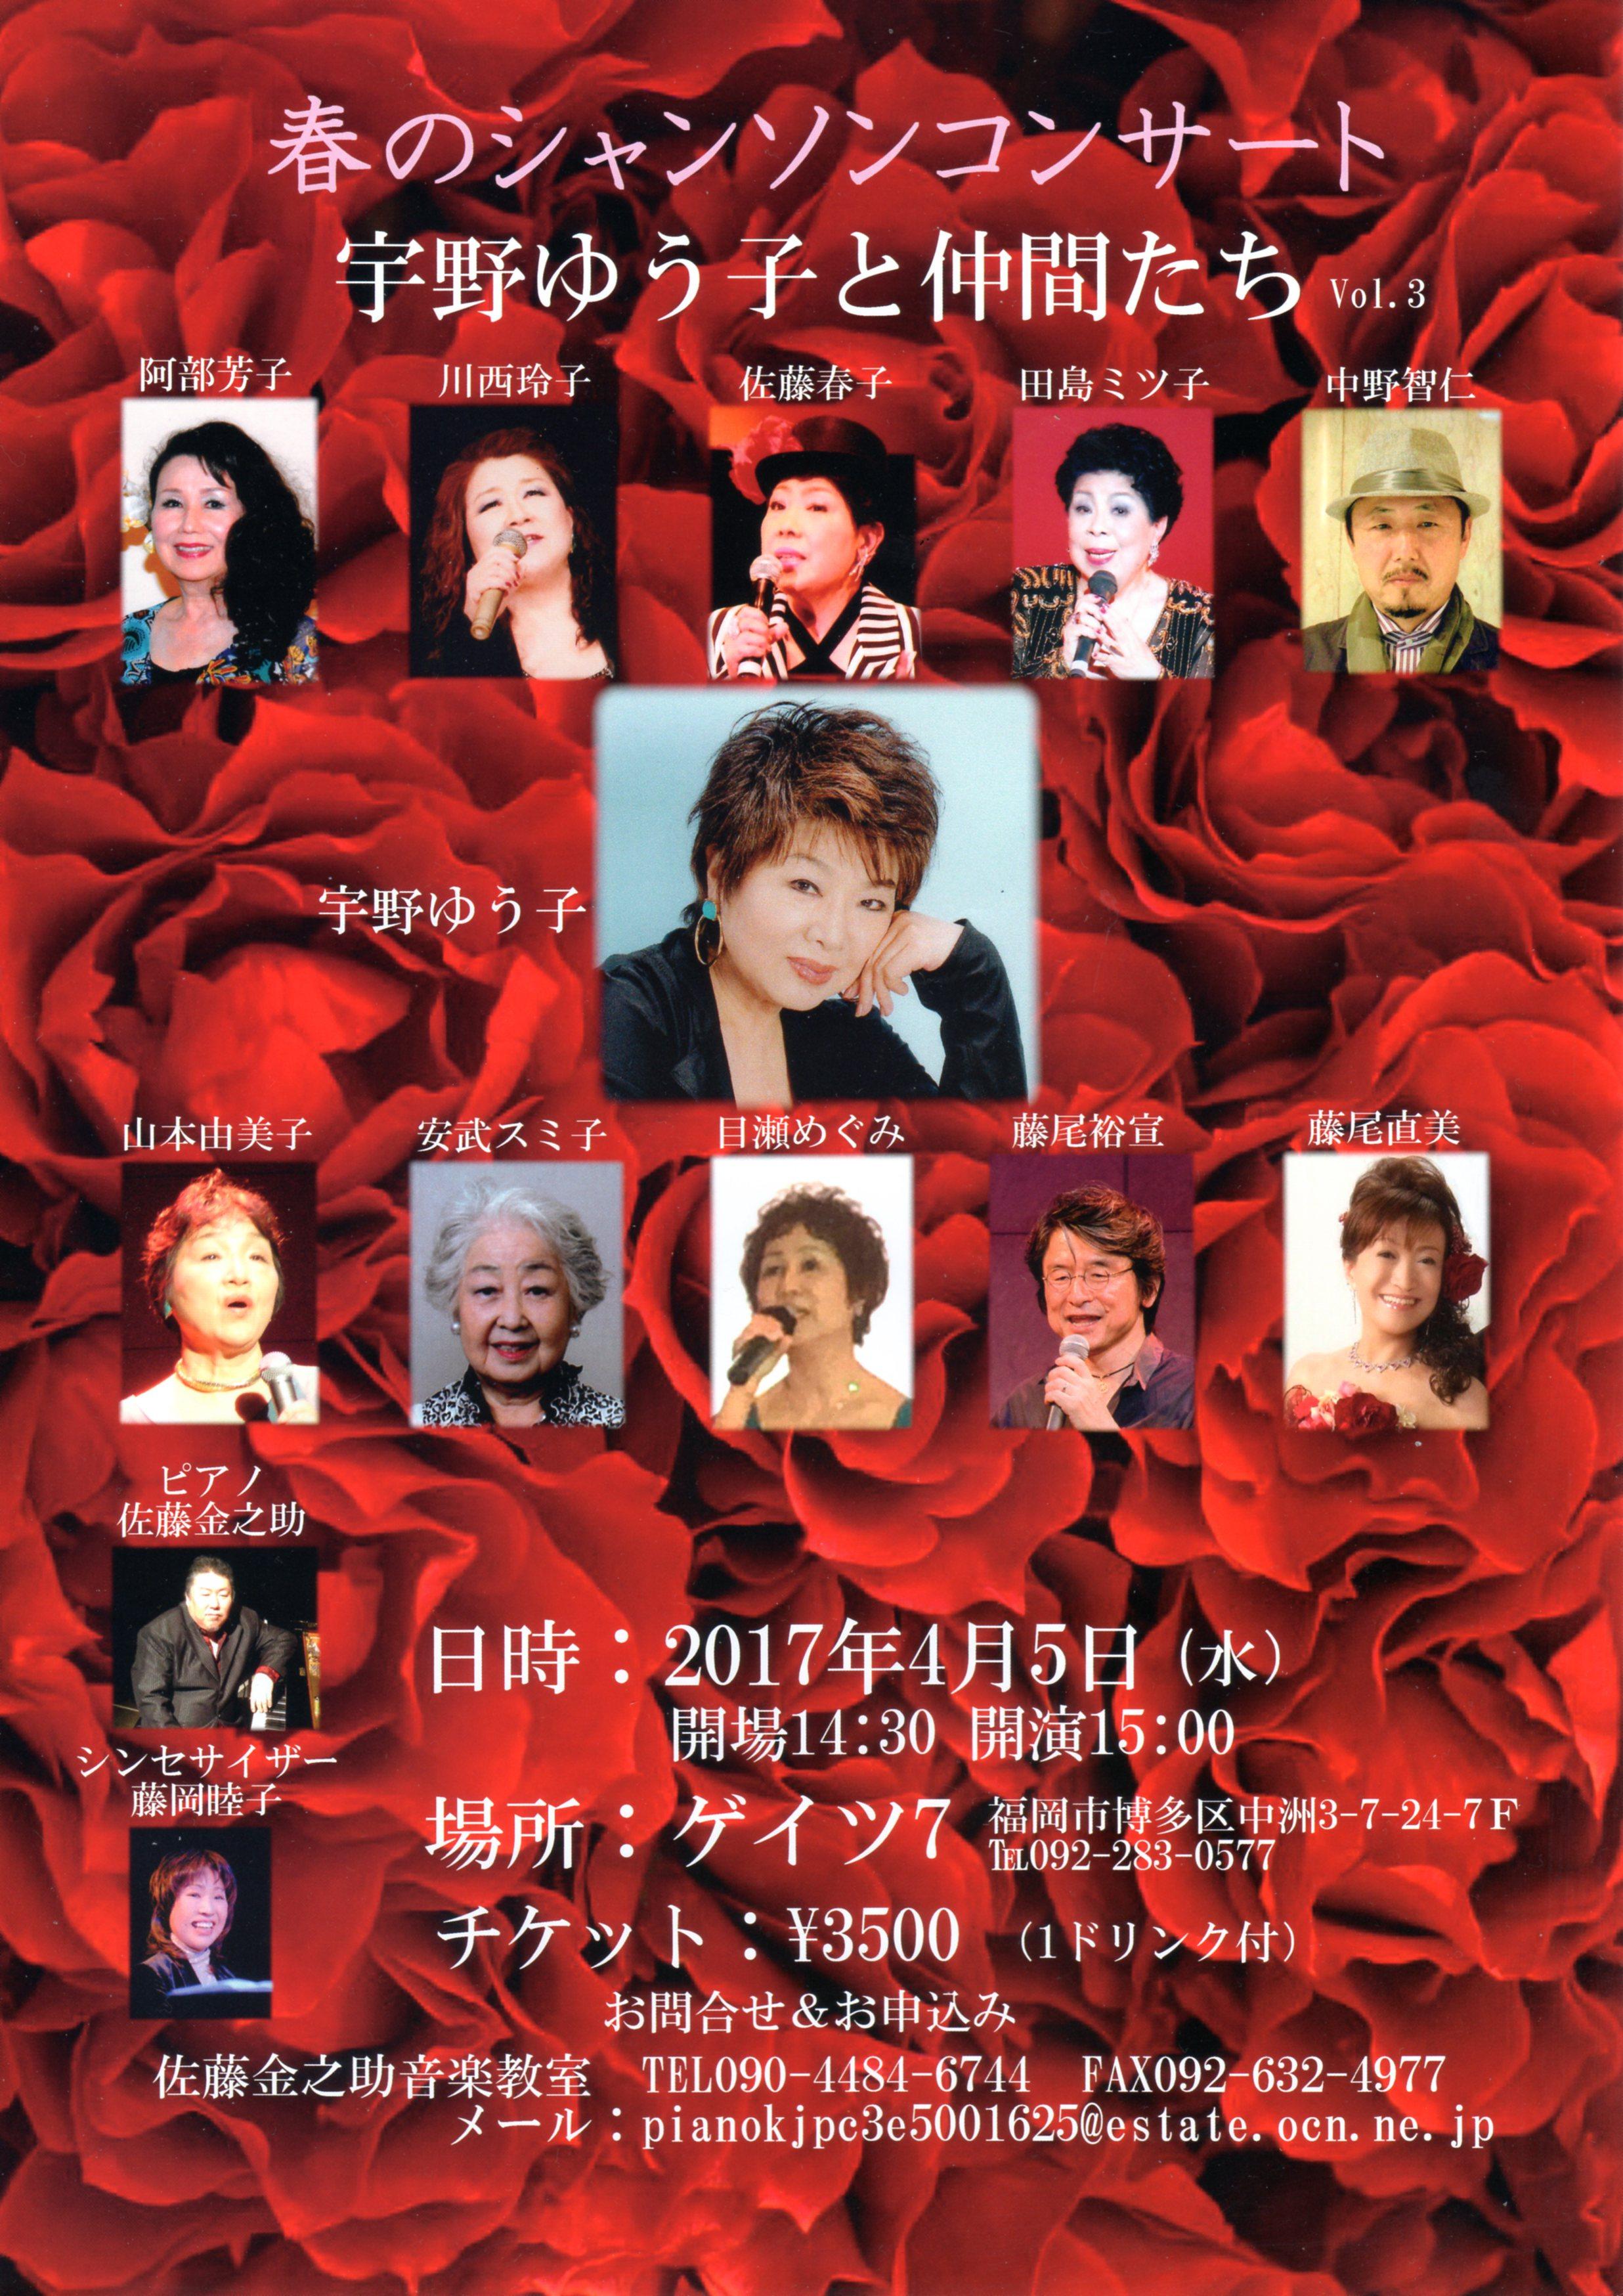 http://unoyuko.com/blog/chanson/img068.jpg